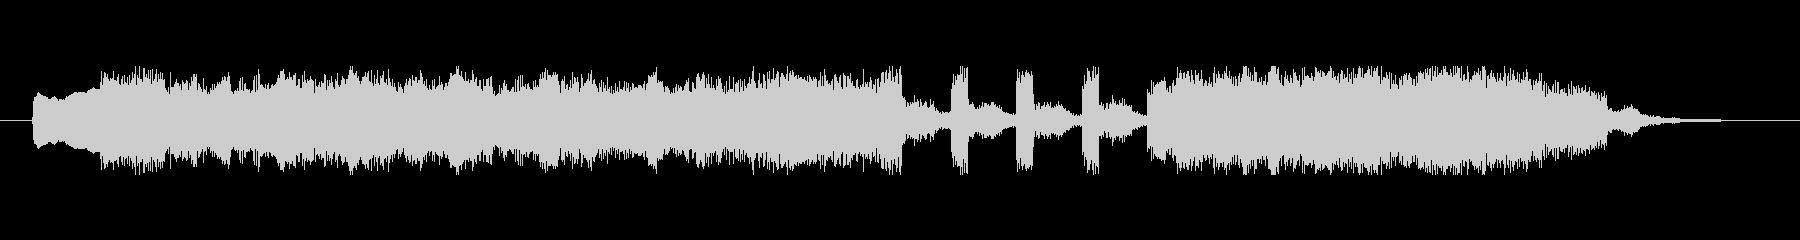 アイネクライネナハトムジーク第3ジングルの未再生の波形